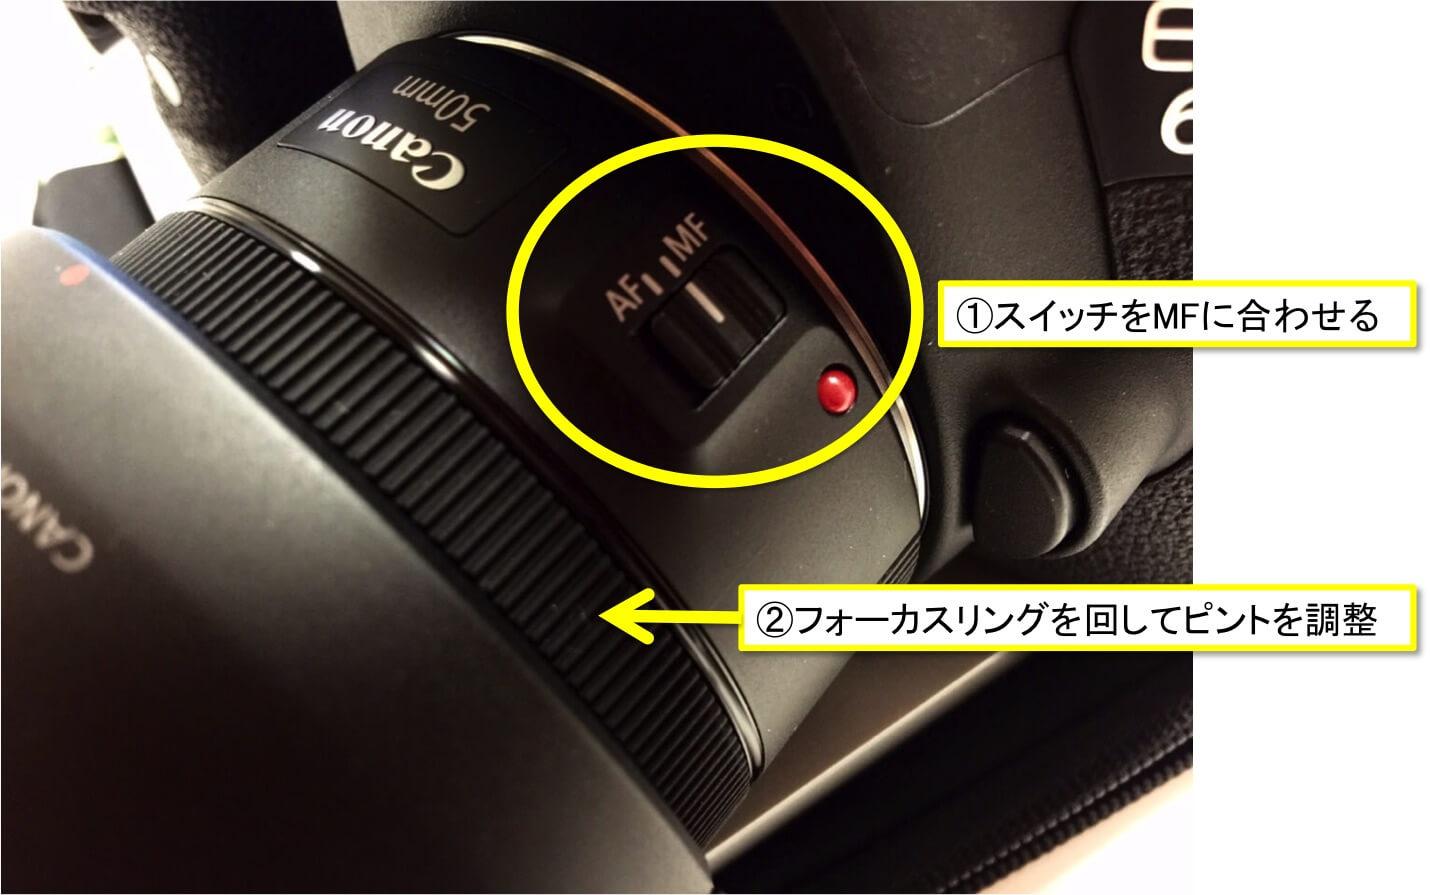 設定例 (レンズはEF50mm F1.8 STM)